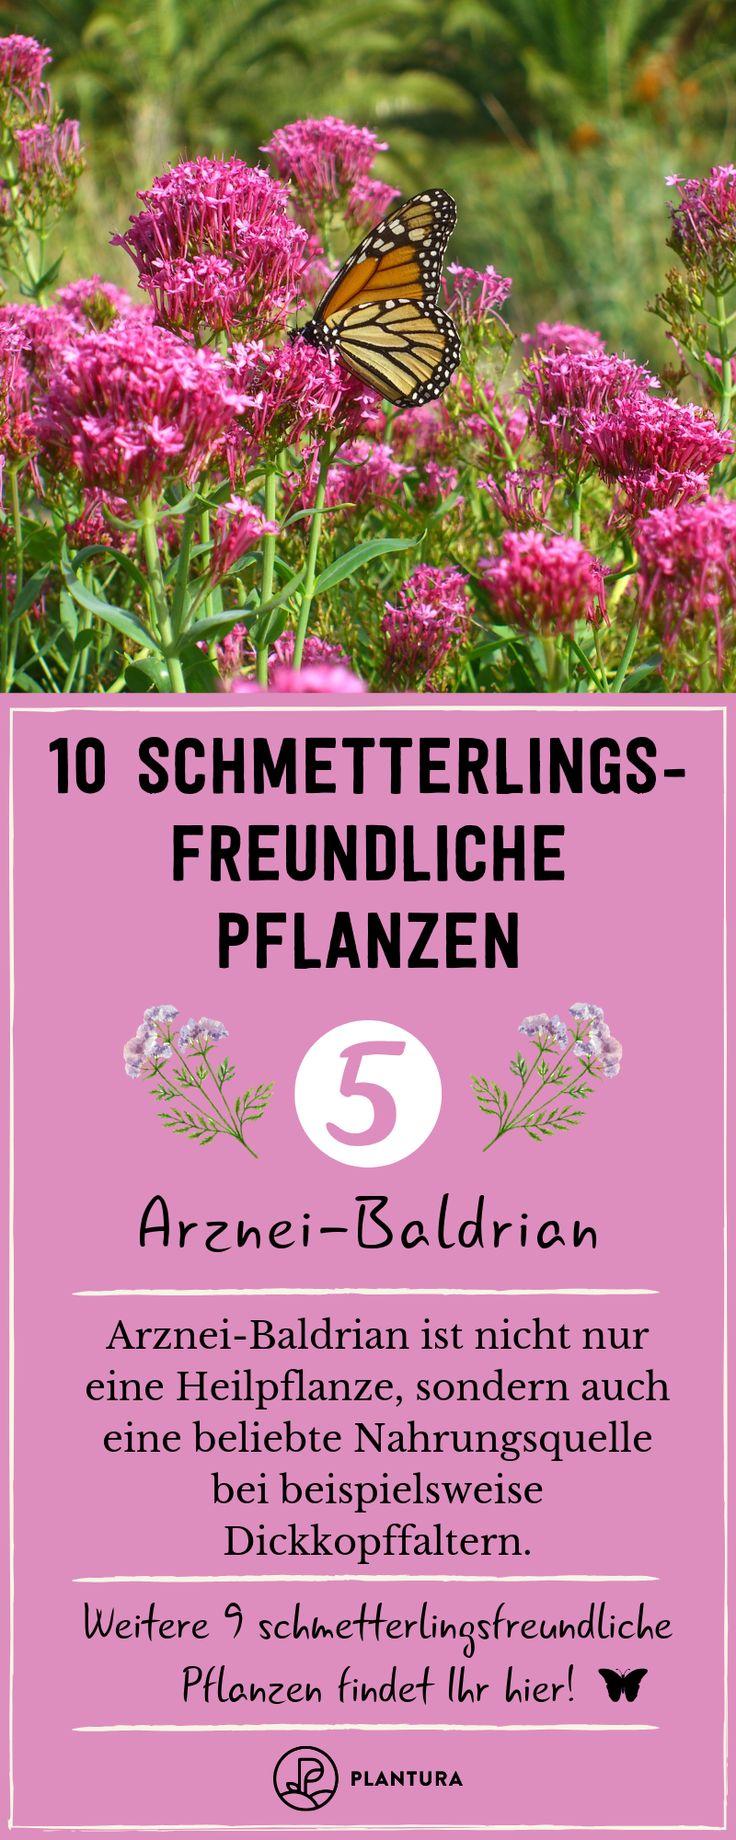 Schmetterlingsfreundliche Pflanzen: Die 10 besten Arten   – Tierfreundlich gärtnern